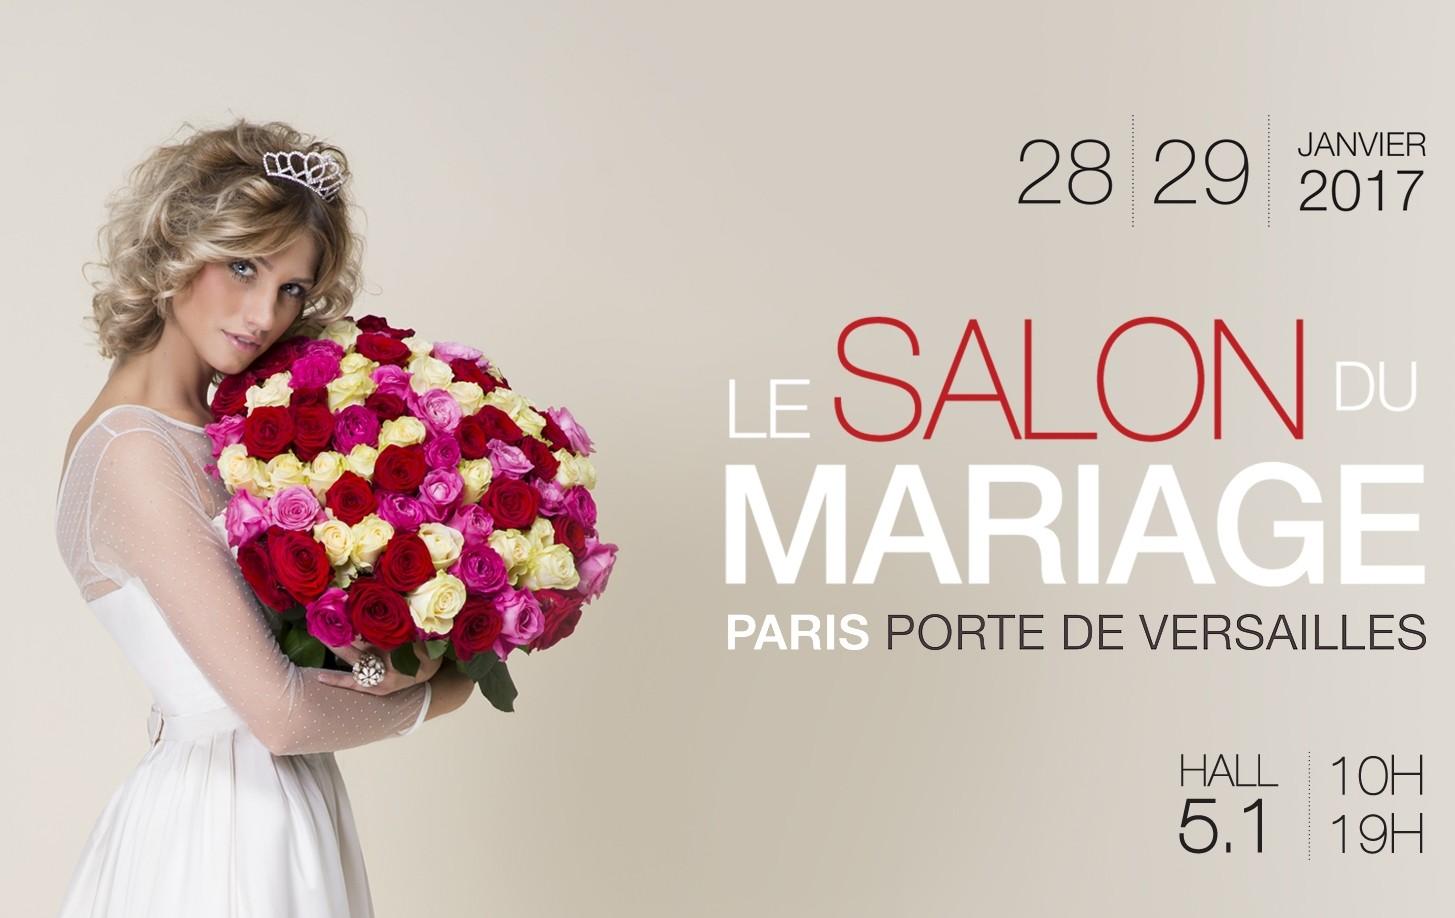 Salon du mariage Paris - Janvier 2017